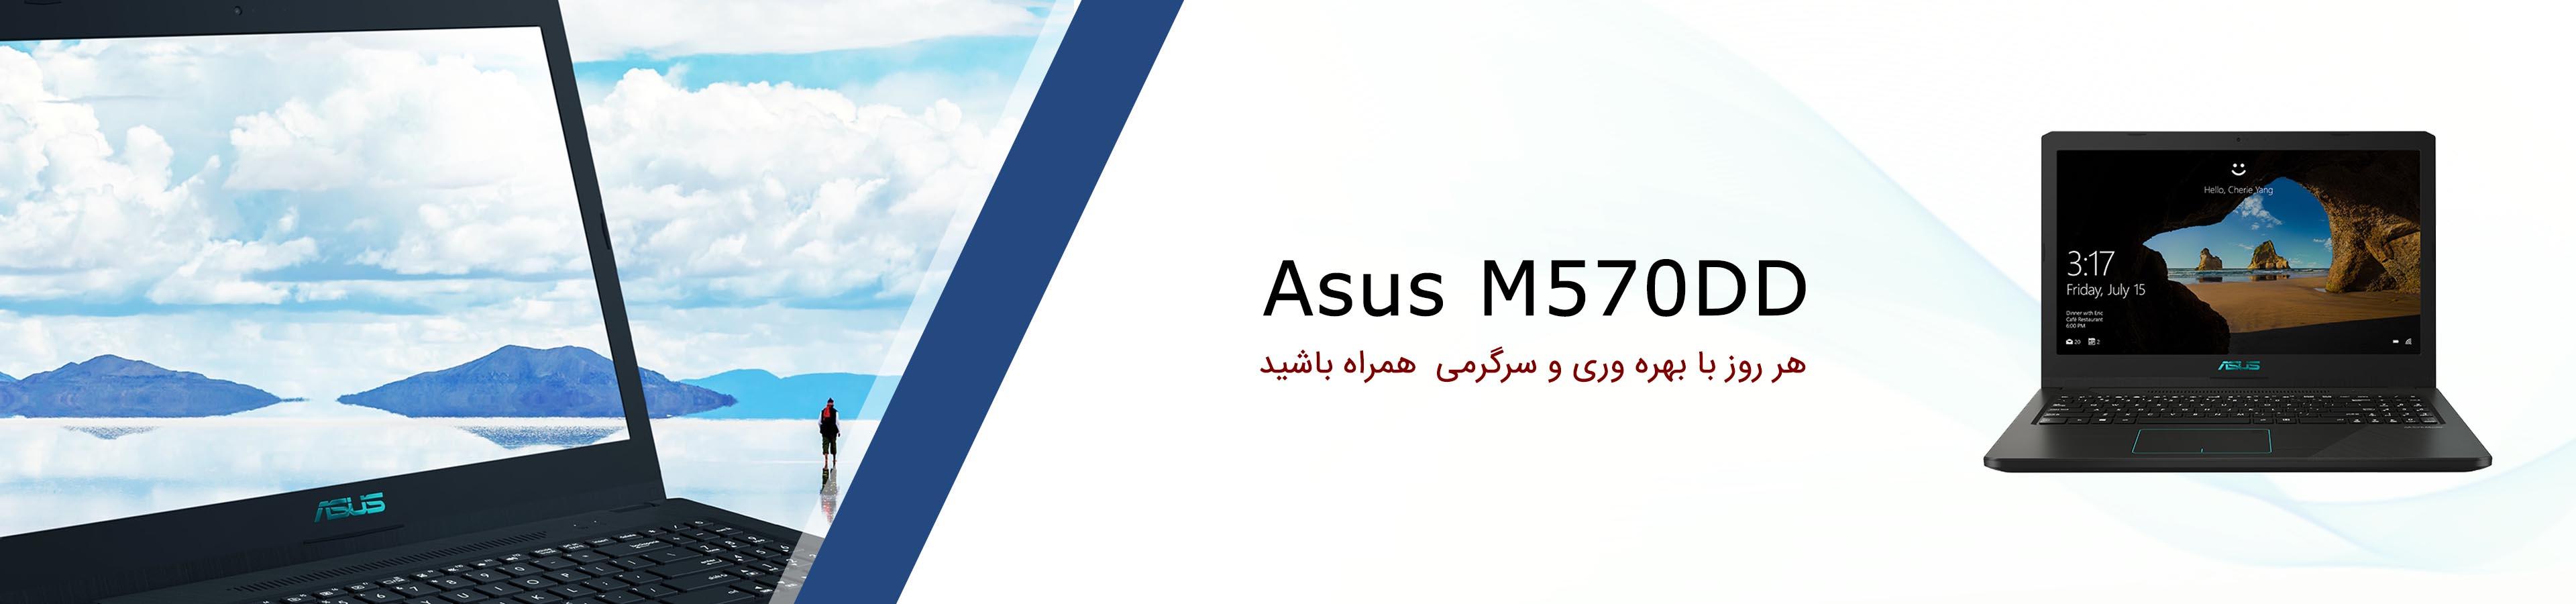 Asus M570